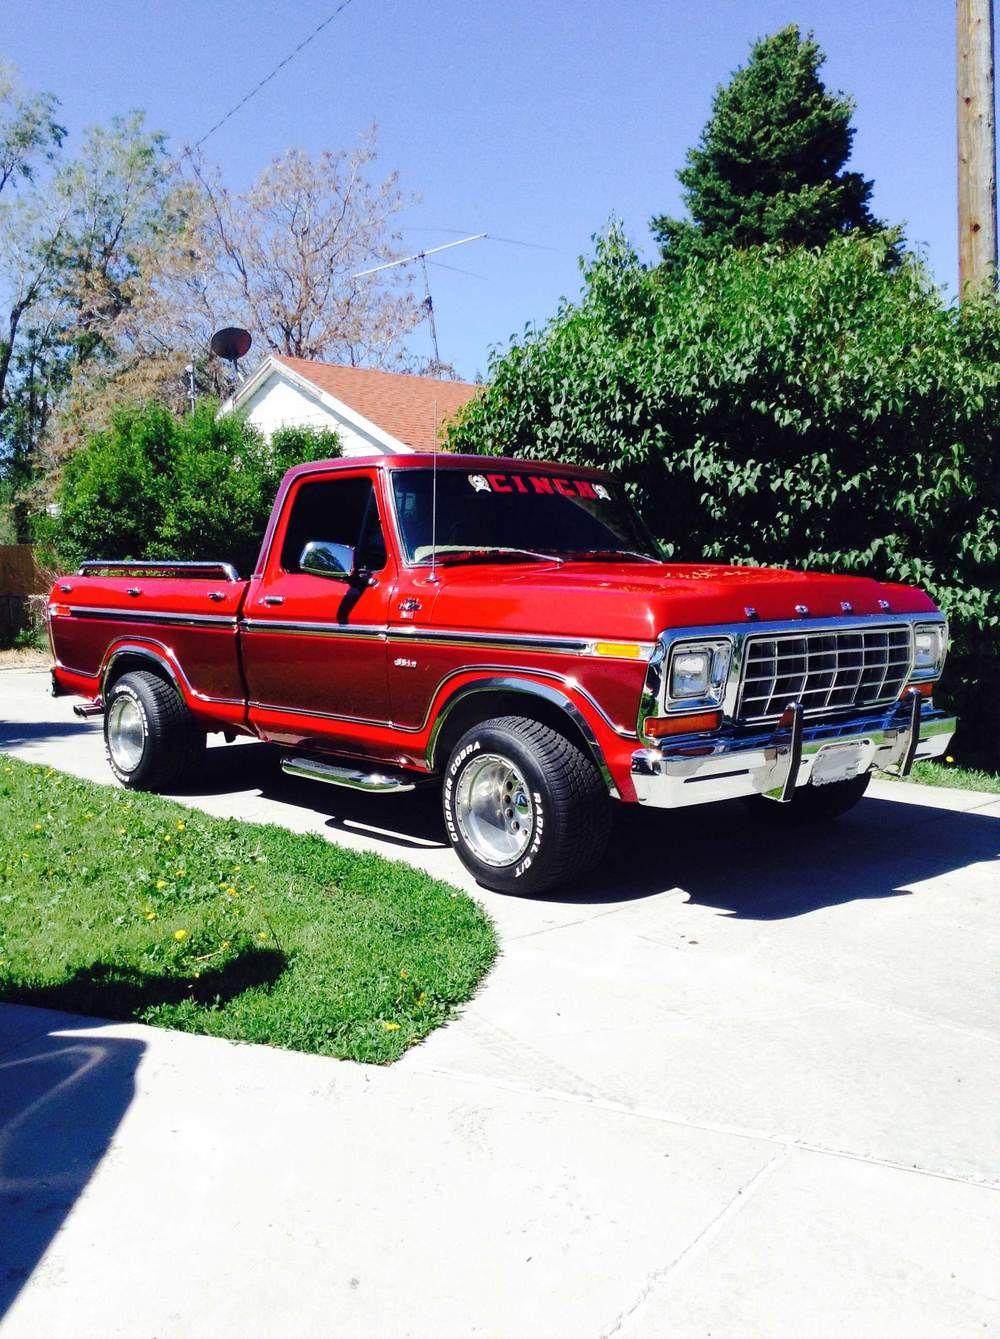 78 Ford Lmc Truck Life Ford Pickup Trucks Classic Ford Trucks Ford Trucks